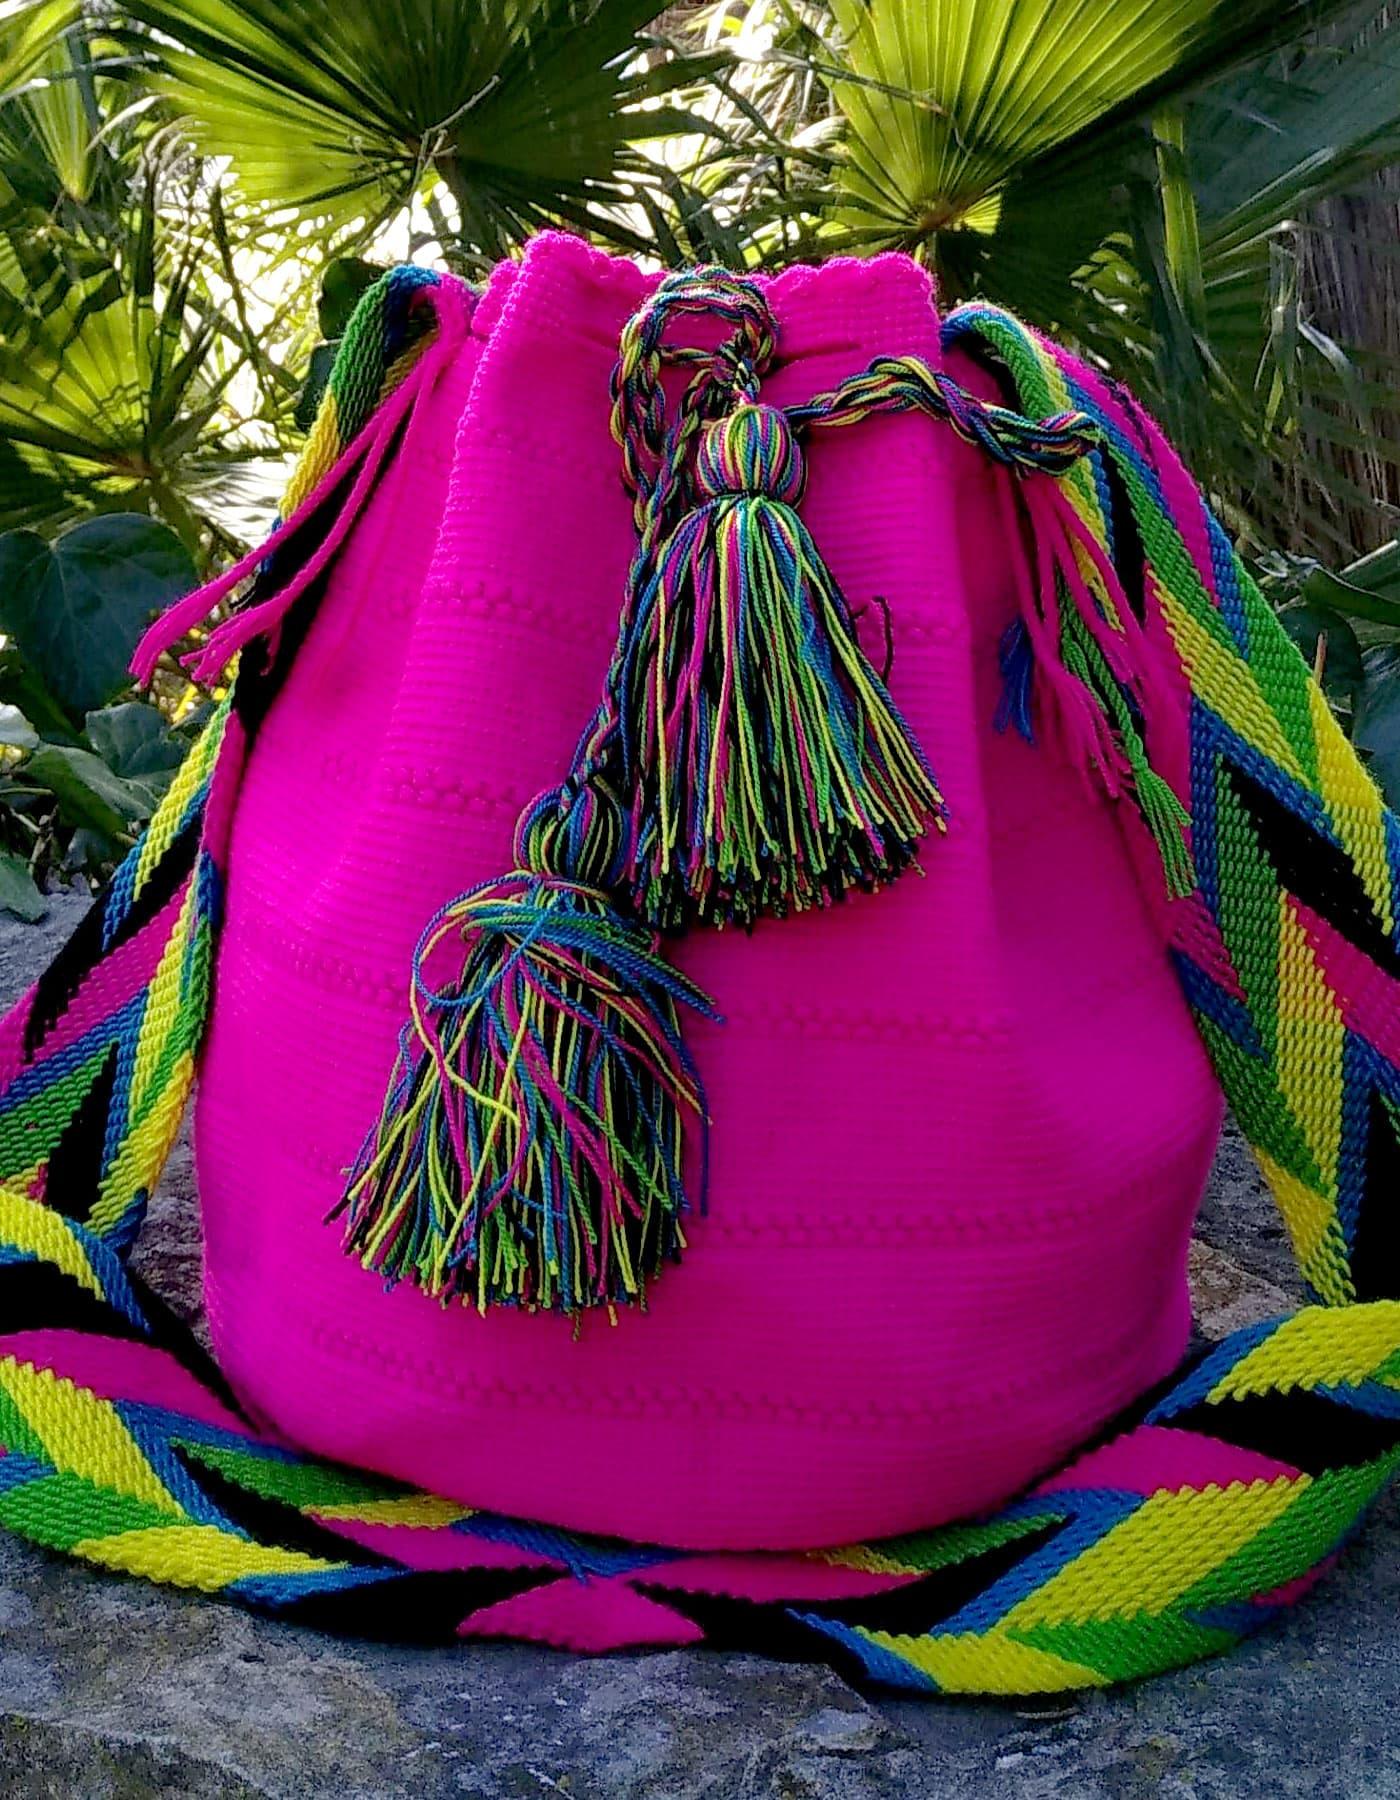 Bolso Wayuu Artesanal, Auténtico y Original (sólo 1 igual) liso en rosa, amarillo, verde, azul y negro A